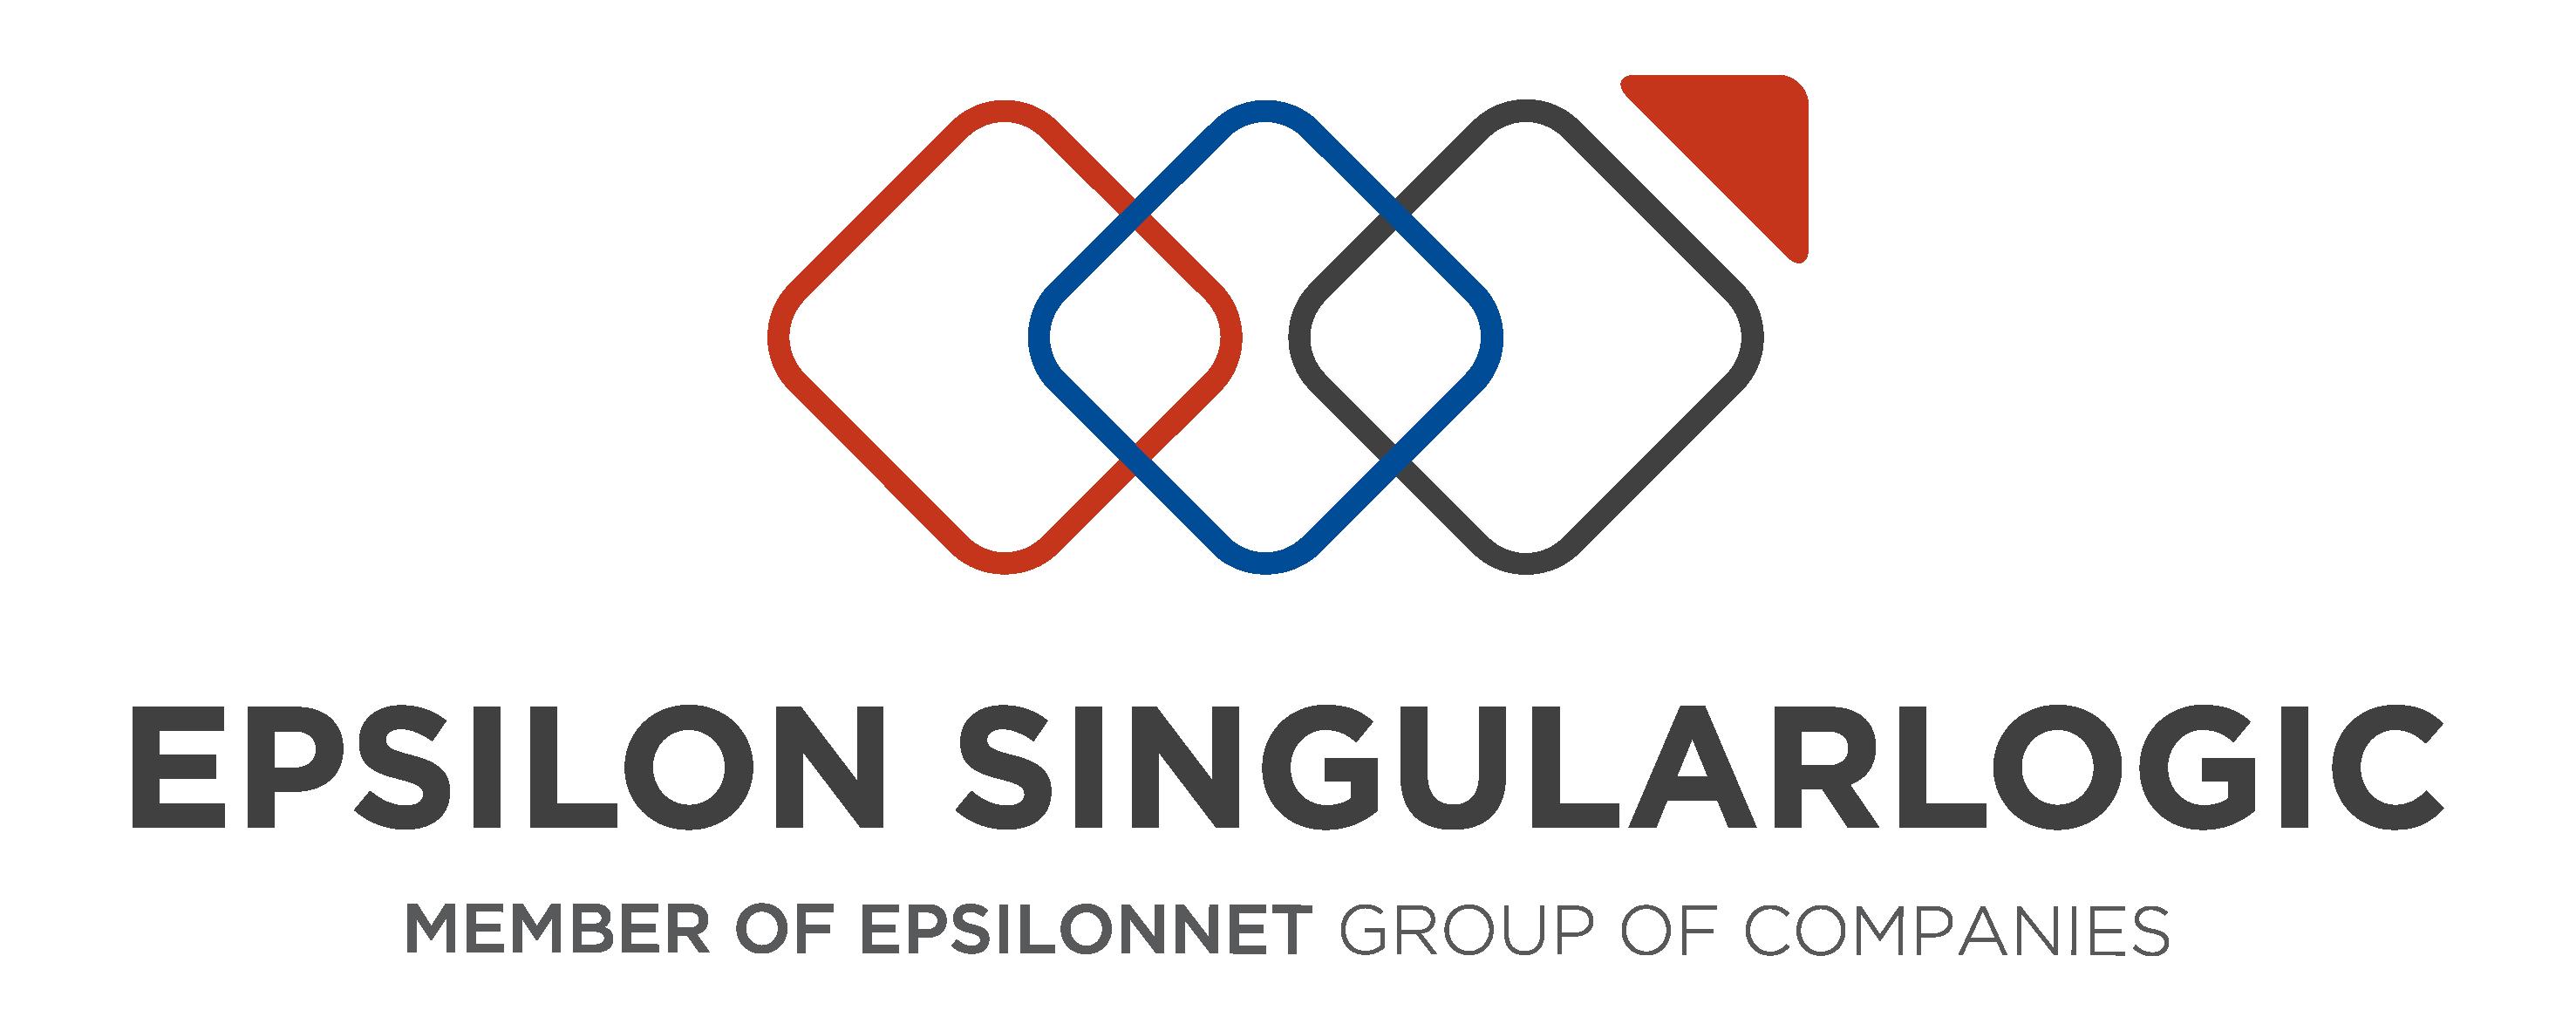 Epsilon SingularLogic Logo